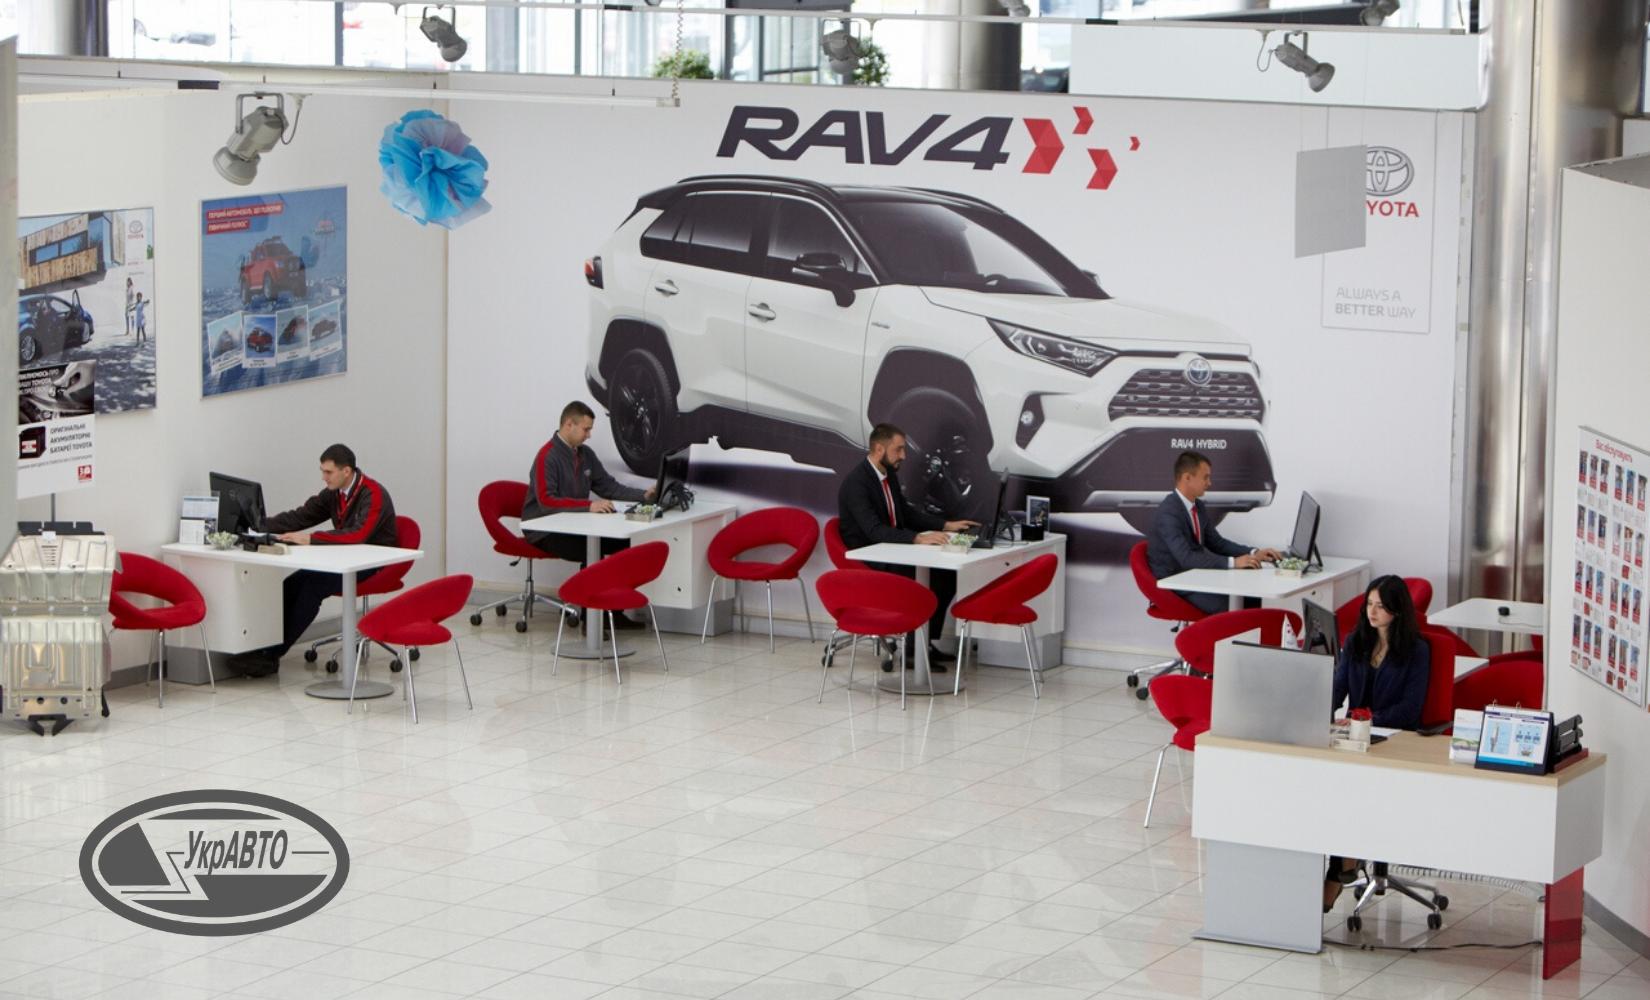 УкрАВТО: инвестируя в своих профессионалов, заботимся о клиентах